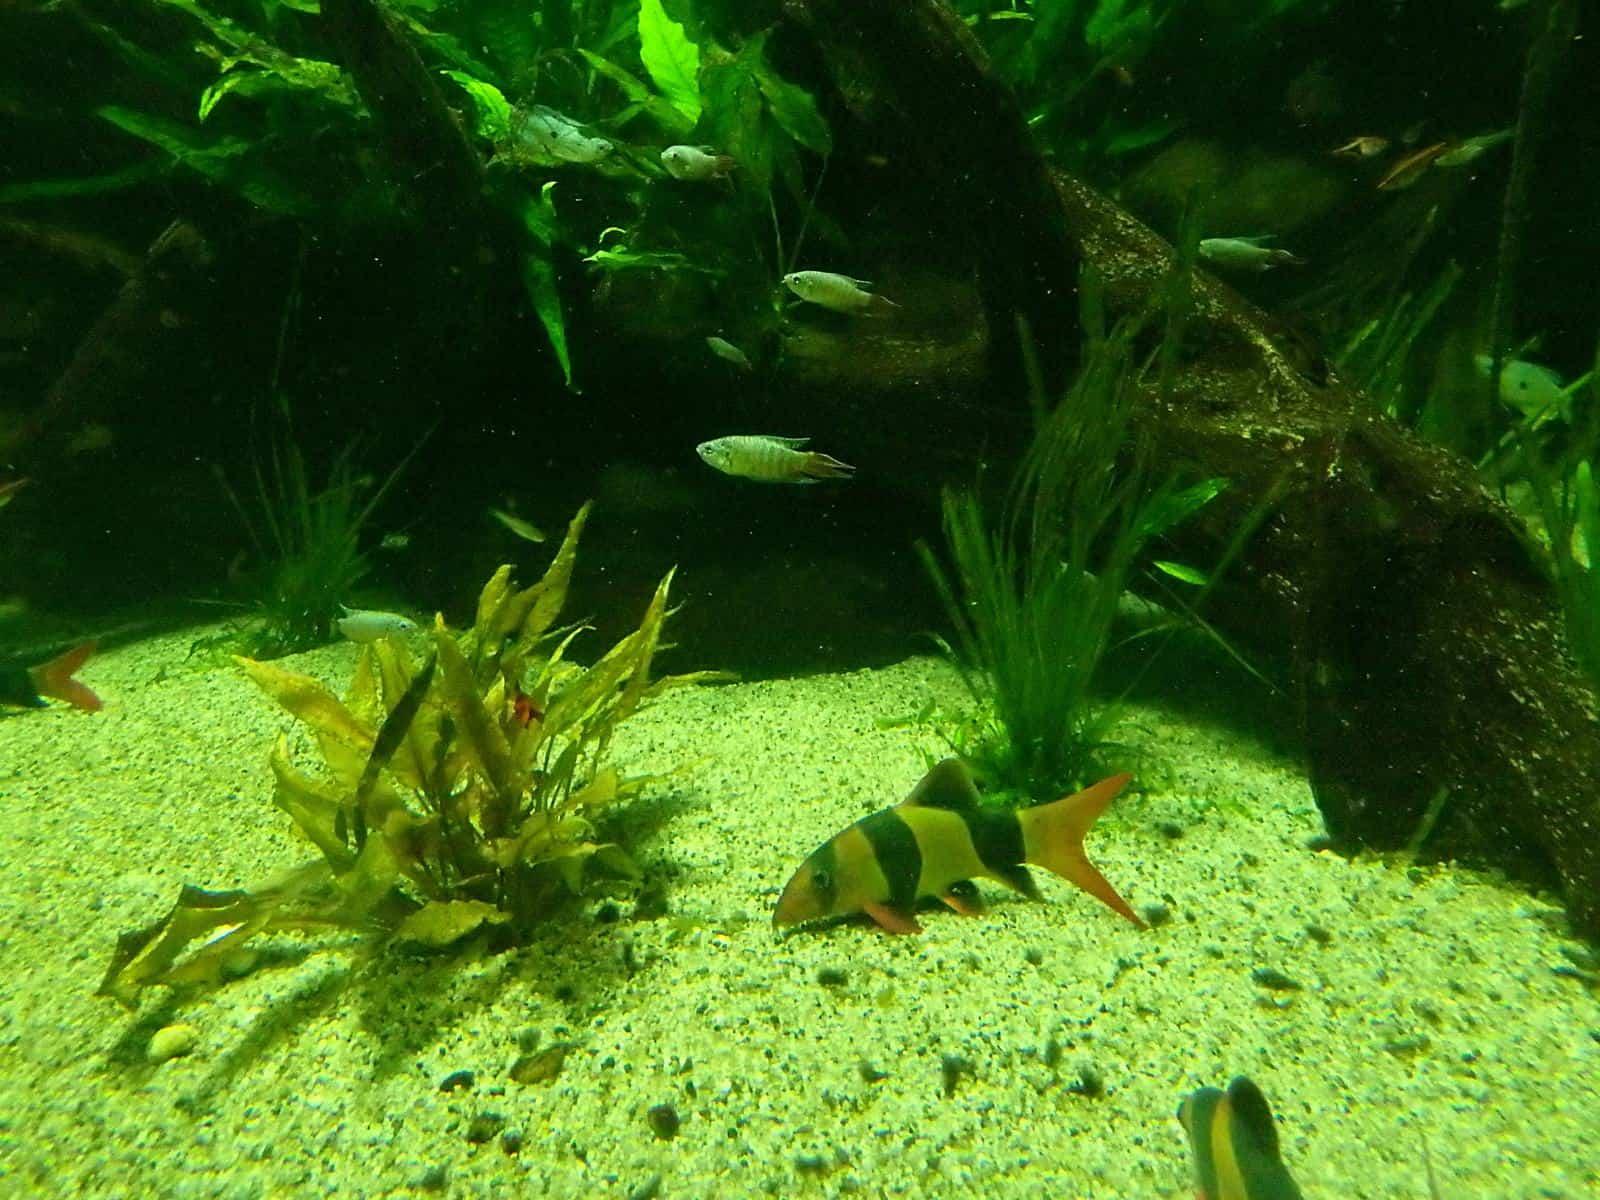 polluted aquarium with blue green algae